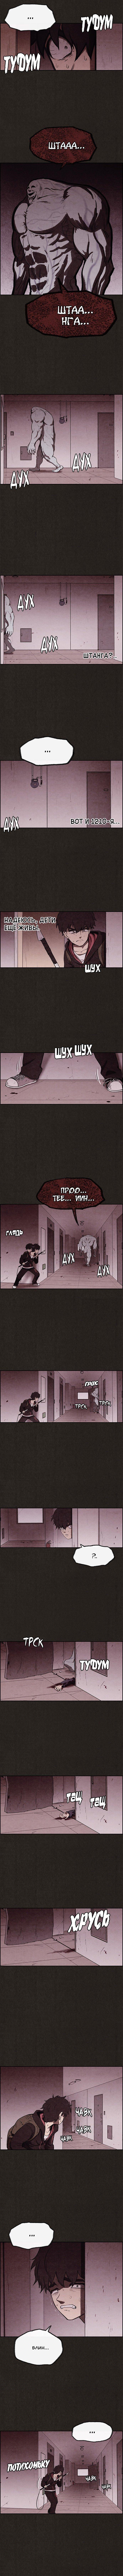 Манга Милый дом / Sweet Home (HWANG Youngchan) - Том 1 Глава 19 Страница 3